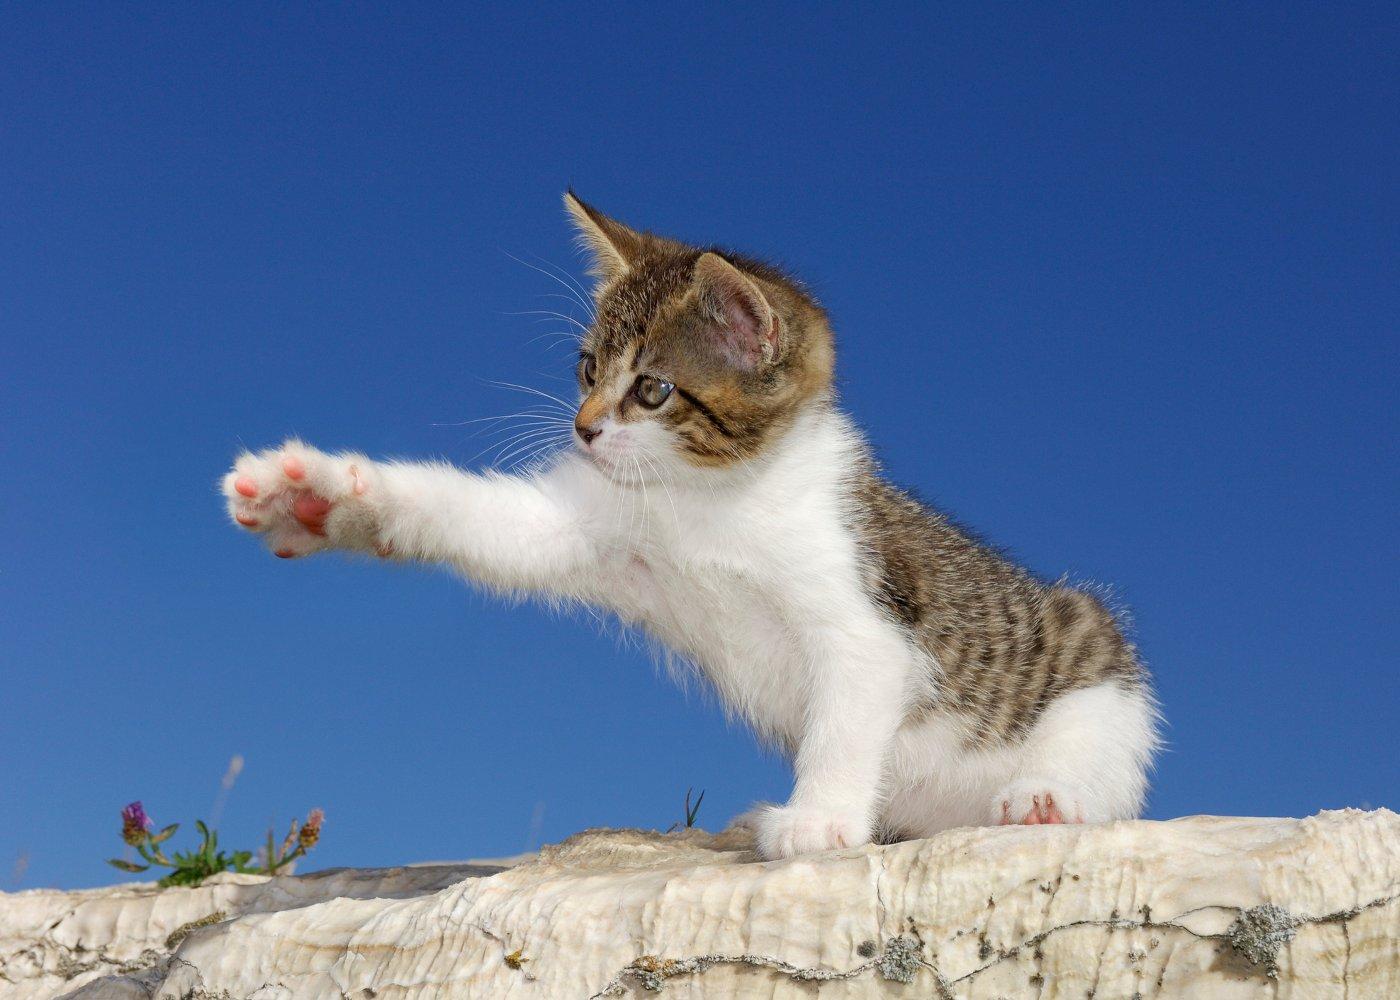 Gato a esticar a pata